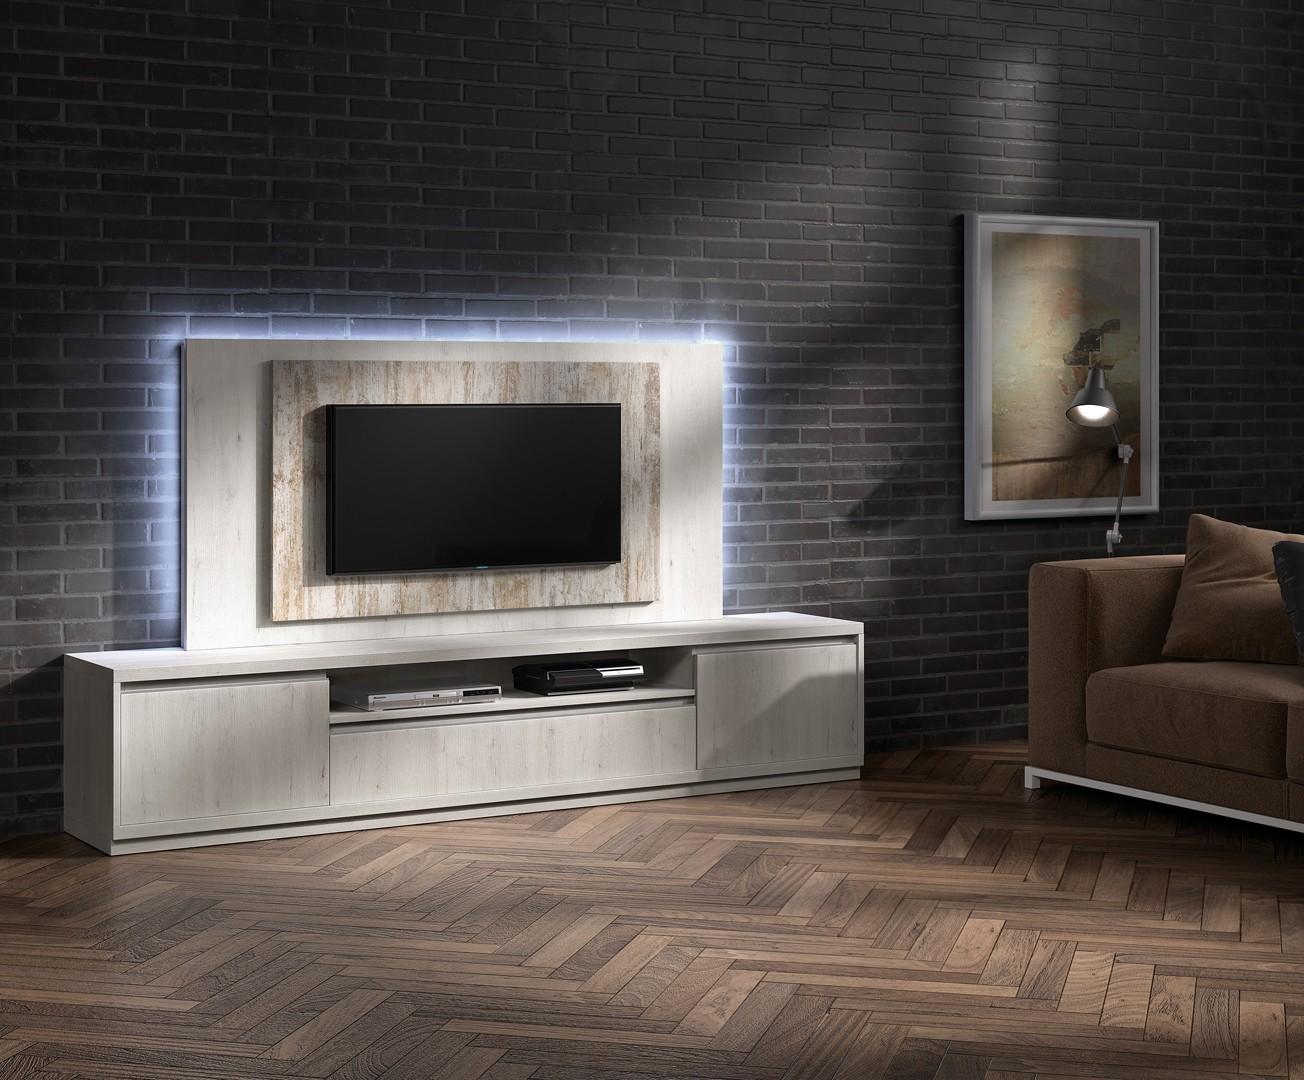 Meuble Tv Design Meuble Tv Bas Pour T L Vision Cbc Meubles # Composition Design Meuble Tele Planche Bois